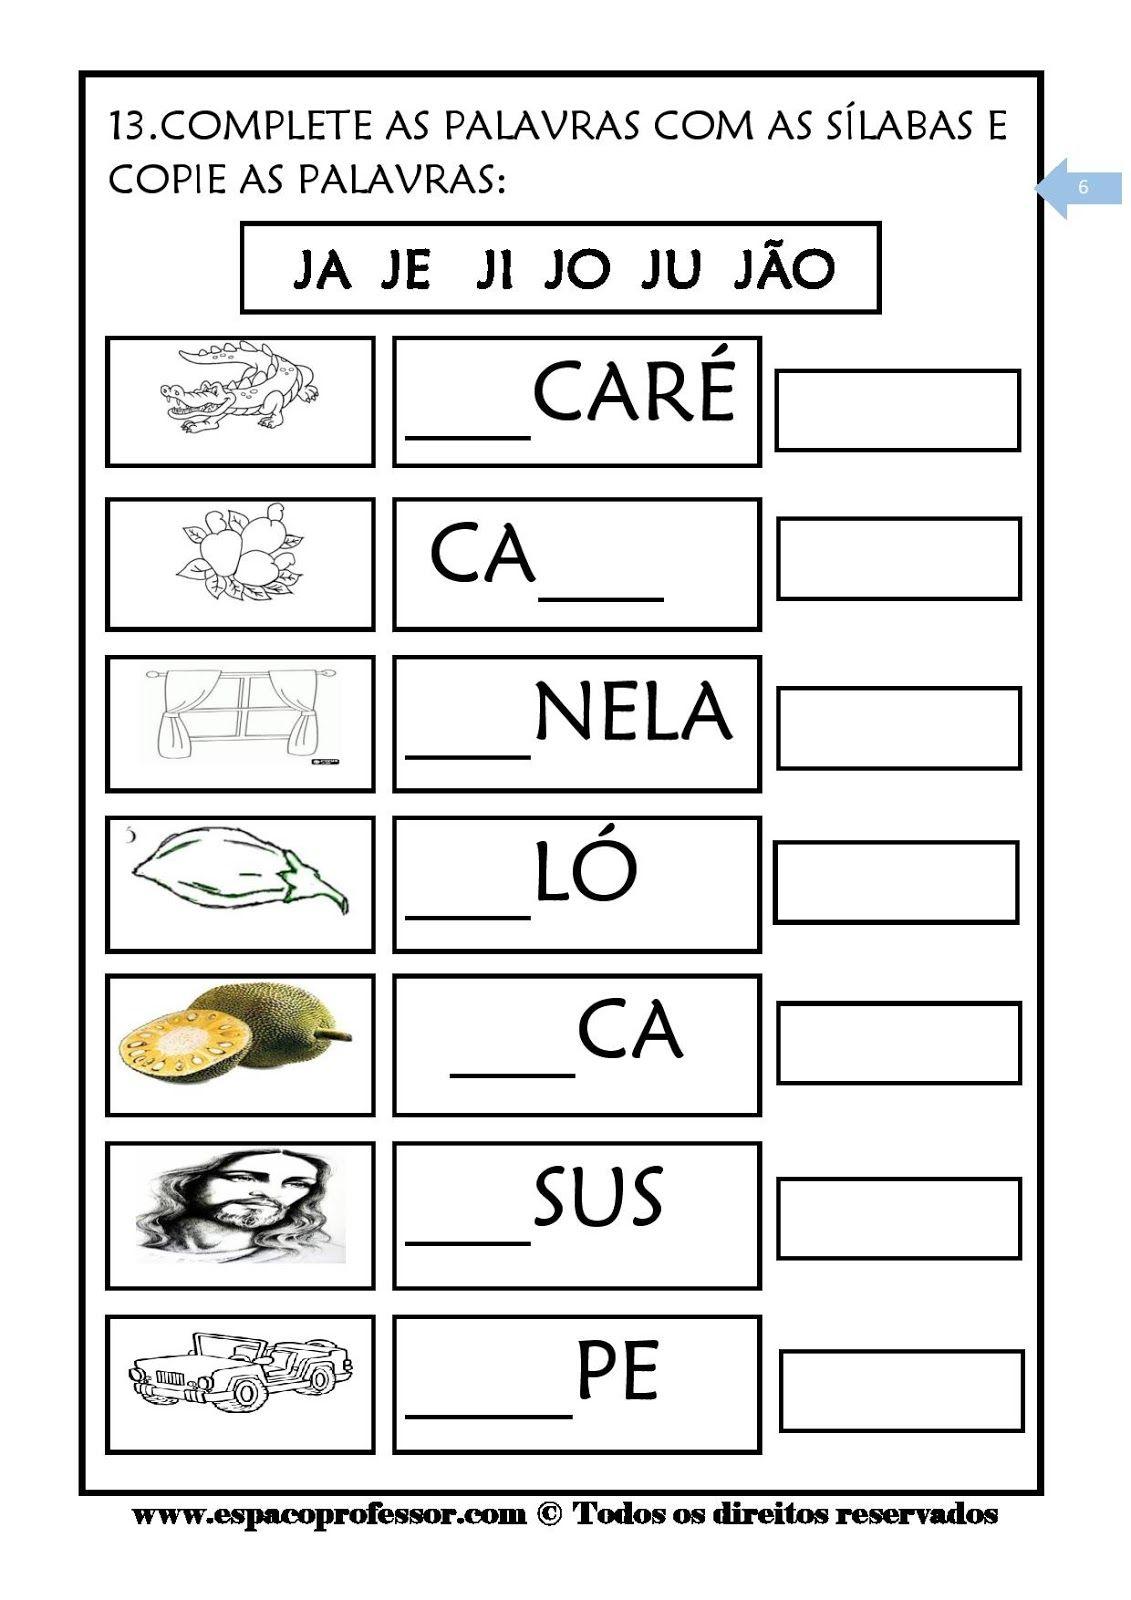 Pin De Pollyara Soares Em Portugues Atividades Com A Letra J